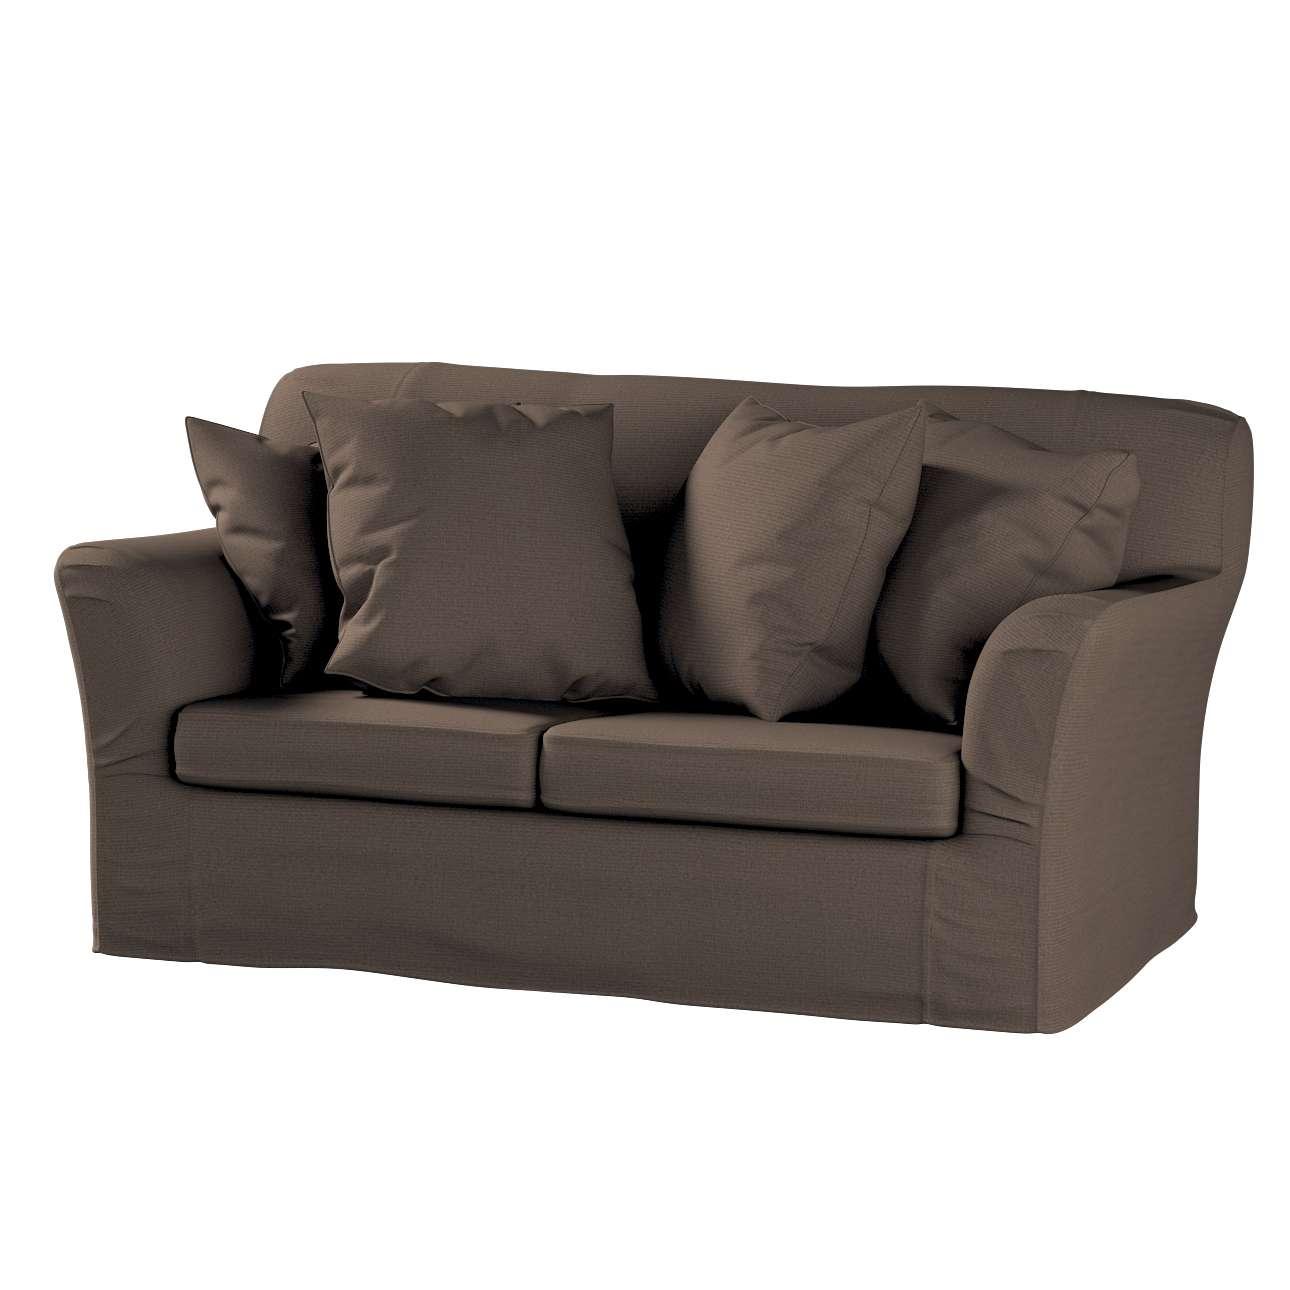 Tomelilla 2-seater sofa cover Tomelilla 2-seat sofa in collection Etna, fabric: 705-08